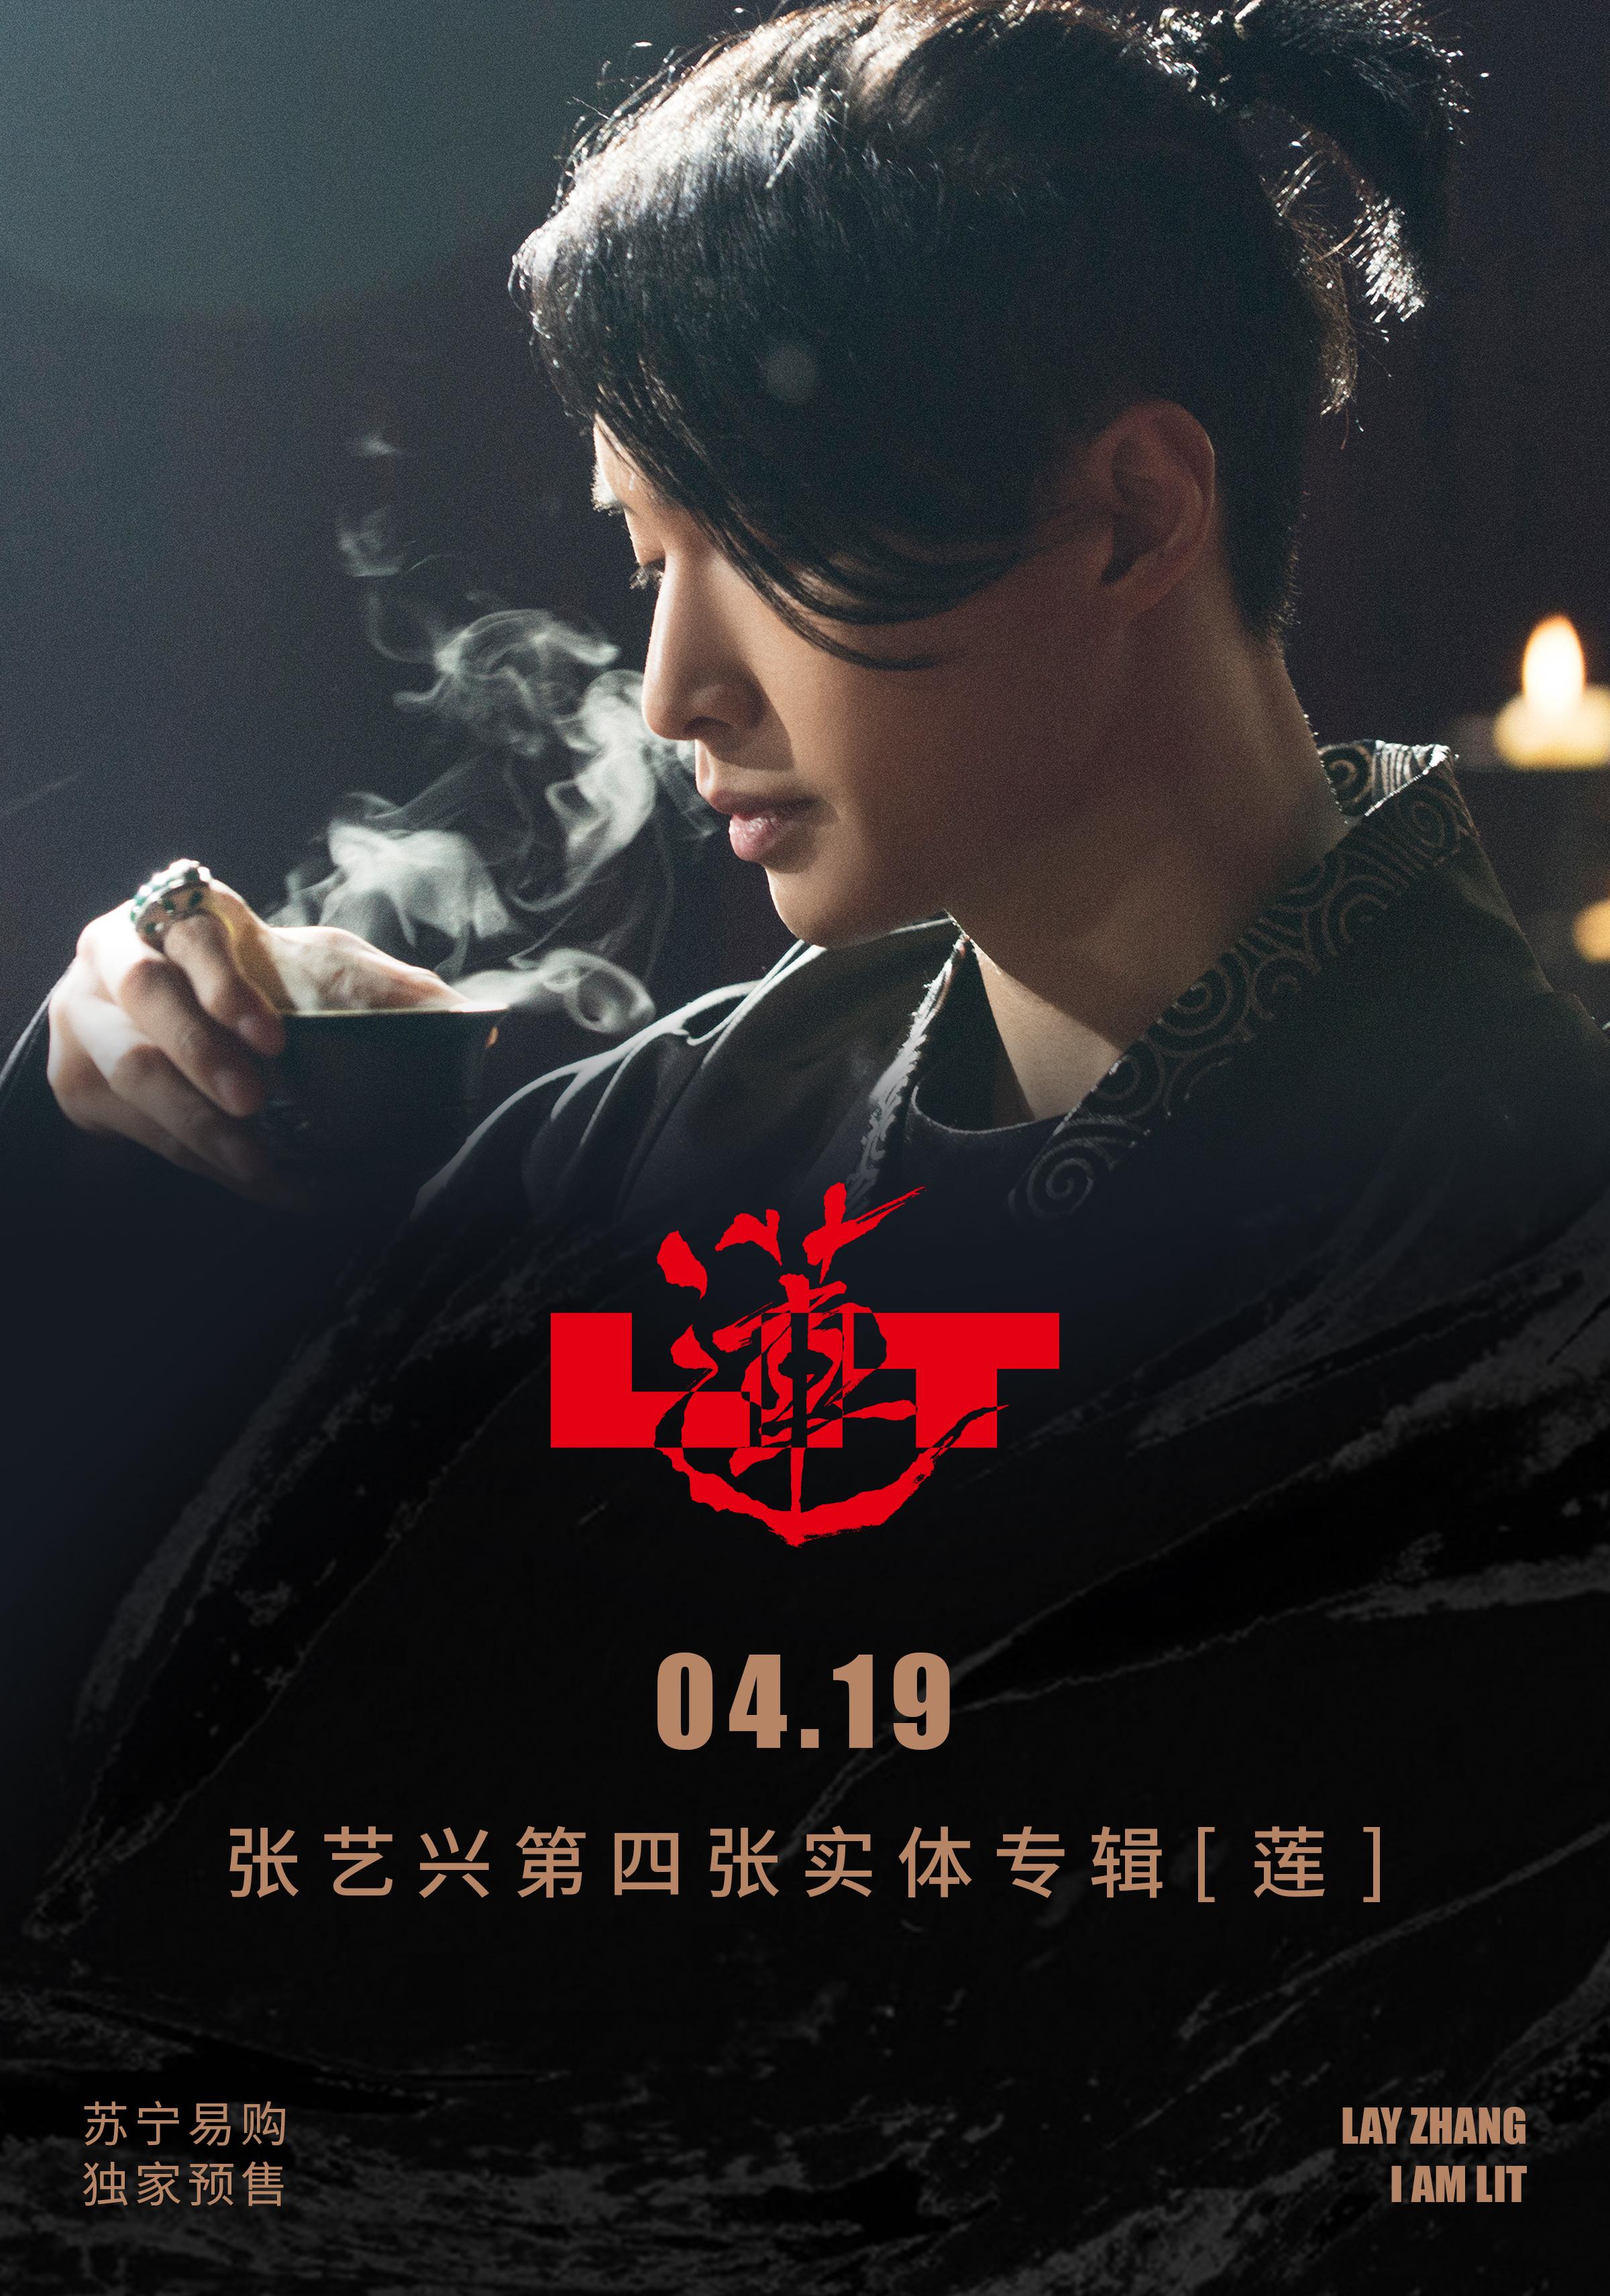 张艺兴实体专辑《莲》即将上线 限量数字意义非凡(图1)